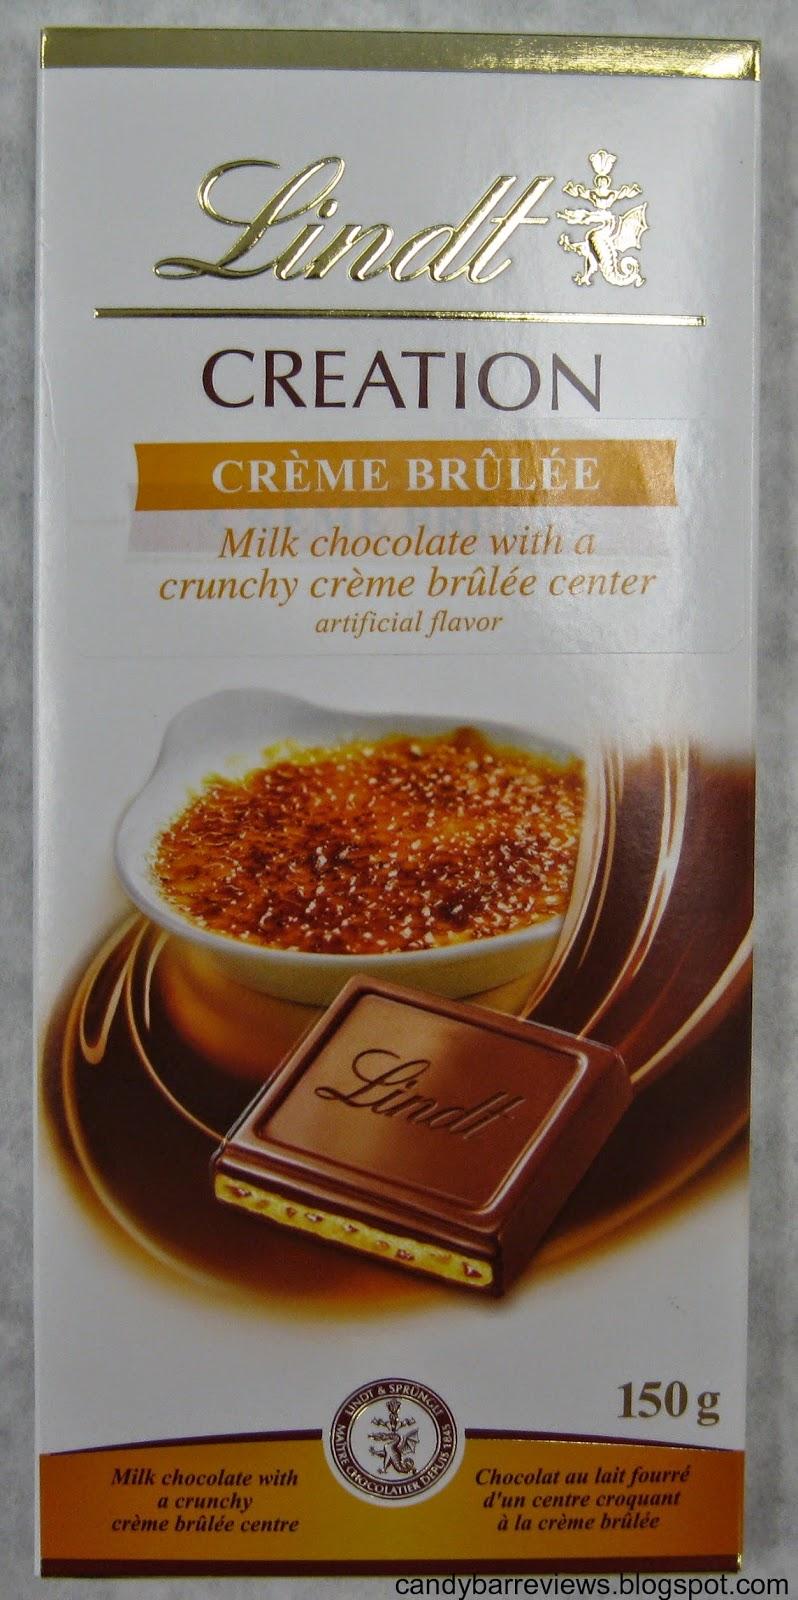 Lindt Creme Brulee